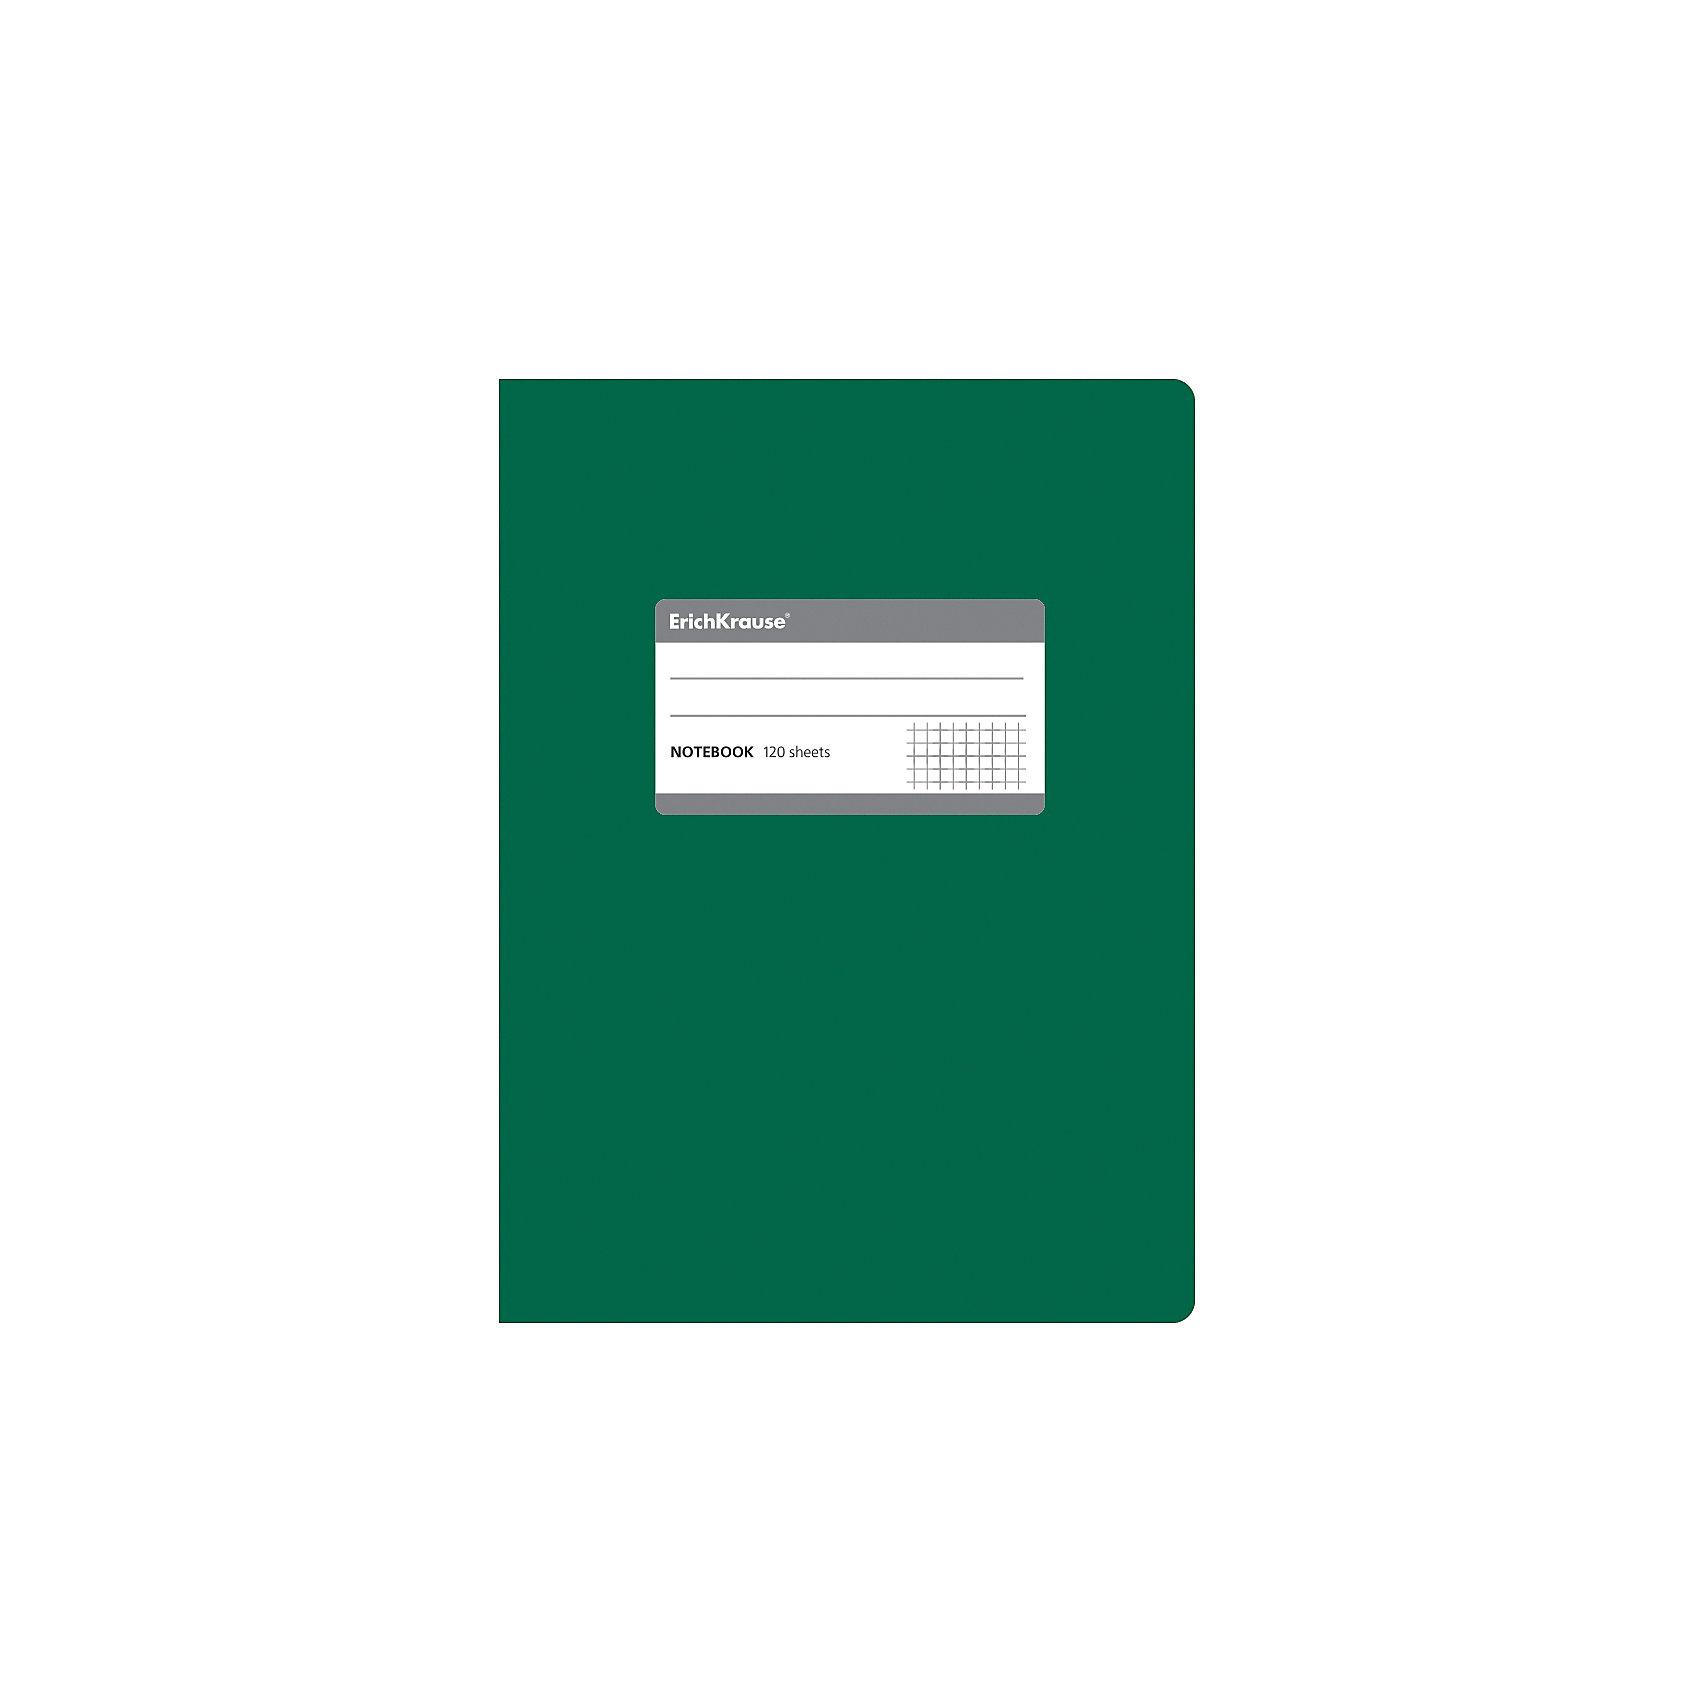 Erich KrauseТетрадь общая c титульной этикеткой А5, ONE COLOR, 120 листов, клеткаБумажная продукция<br>Характеристики товара: <br><br>• количество листов: 120;<br>• формат: А5;<br>• цвет: зеленый;<br>• плотность бумаги: 60 г/м2;<br>• размер упаковки: 1,5х15х21 см;<br>• вес: 256 грамм.<br><br>Общая тетрадь ONE COLOR предназначена для старшеклассников, студентов и тех, кому необходимо записывать большой объем информации. 120 листов тетради разлинованы в клетку без полей. Бумага отличается высокой прочностью, благодаря чему писать на ней можно любыми чернилами.<br><br>Обложка тетради изготовлена из плотного картона с фактурным ламинированием. Она сохранит опрятный вид тетради и защитит ее от намокания и изнашивания. На титульном листе есть этикетка для внесения данных о владельце.<br><br>Erich Krause (Эрих Краузе) Тетрадь общую c титульной этикеткой А5, ONE COLOR, 120 листов, клетка можно купить в нашем интернет-магазине.<br><br>Ширина мм: 210<br>Глубина мм: 150<br>Высота мм: 15<br>Вес г: 255<br>Возраст от месяцев: 144<br>Возраст до месяцев: 2147483647<br>Пол: Унисекс<br>Возраст: Детский<br>SKU: 6878824